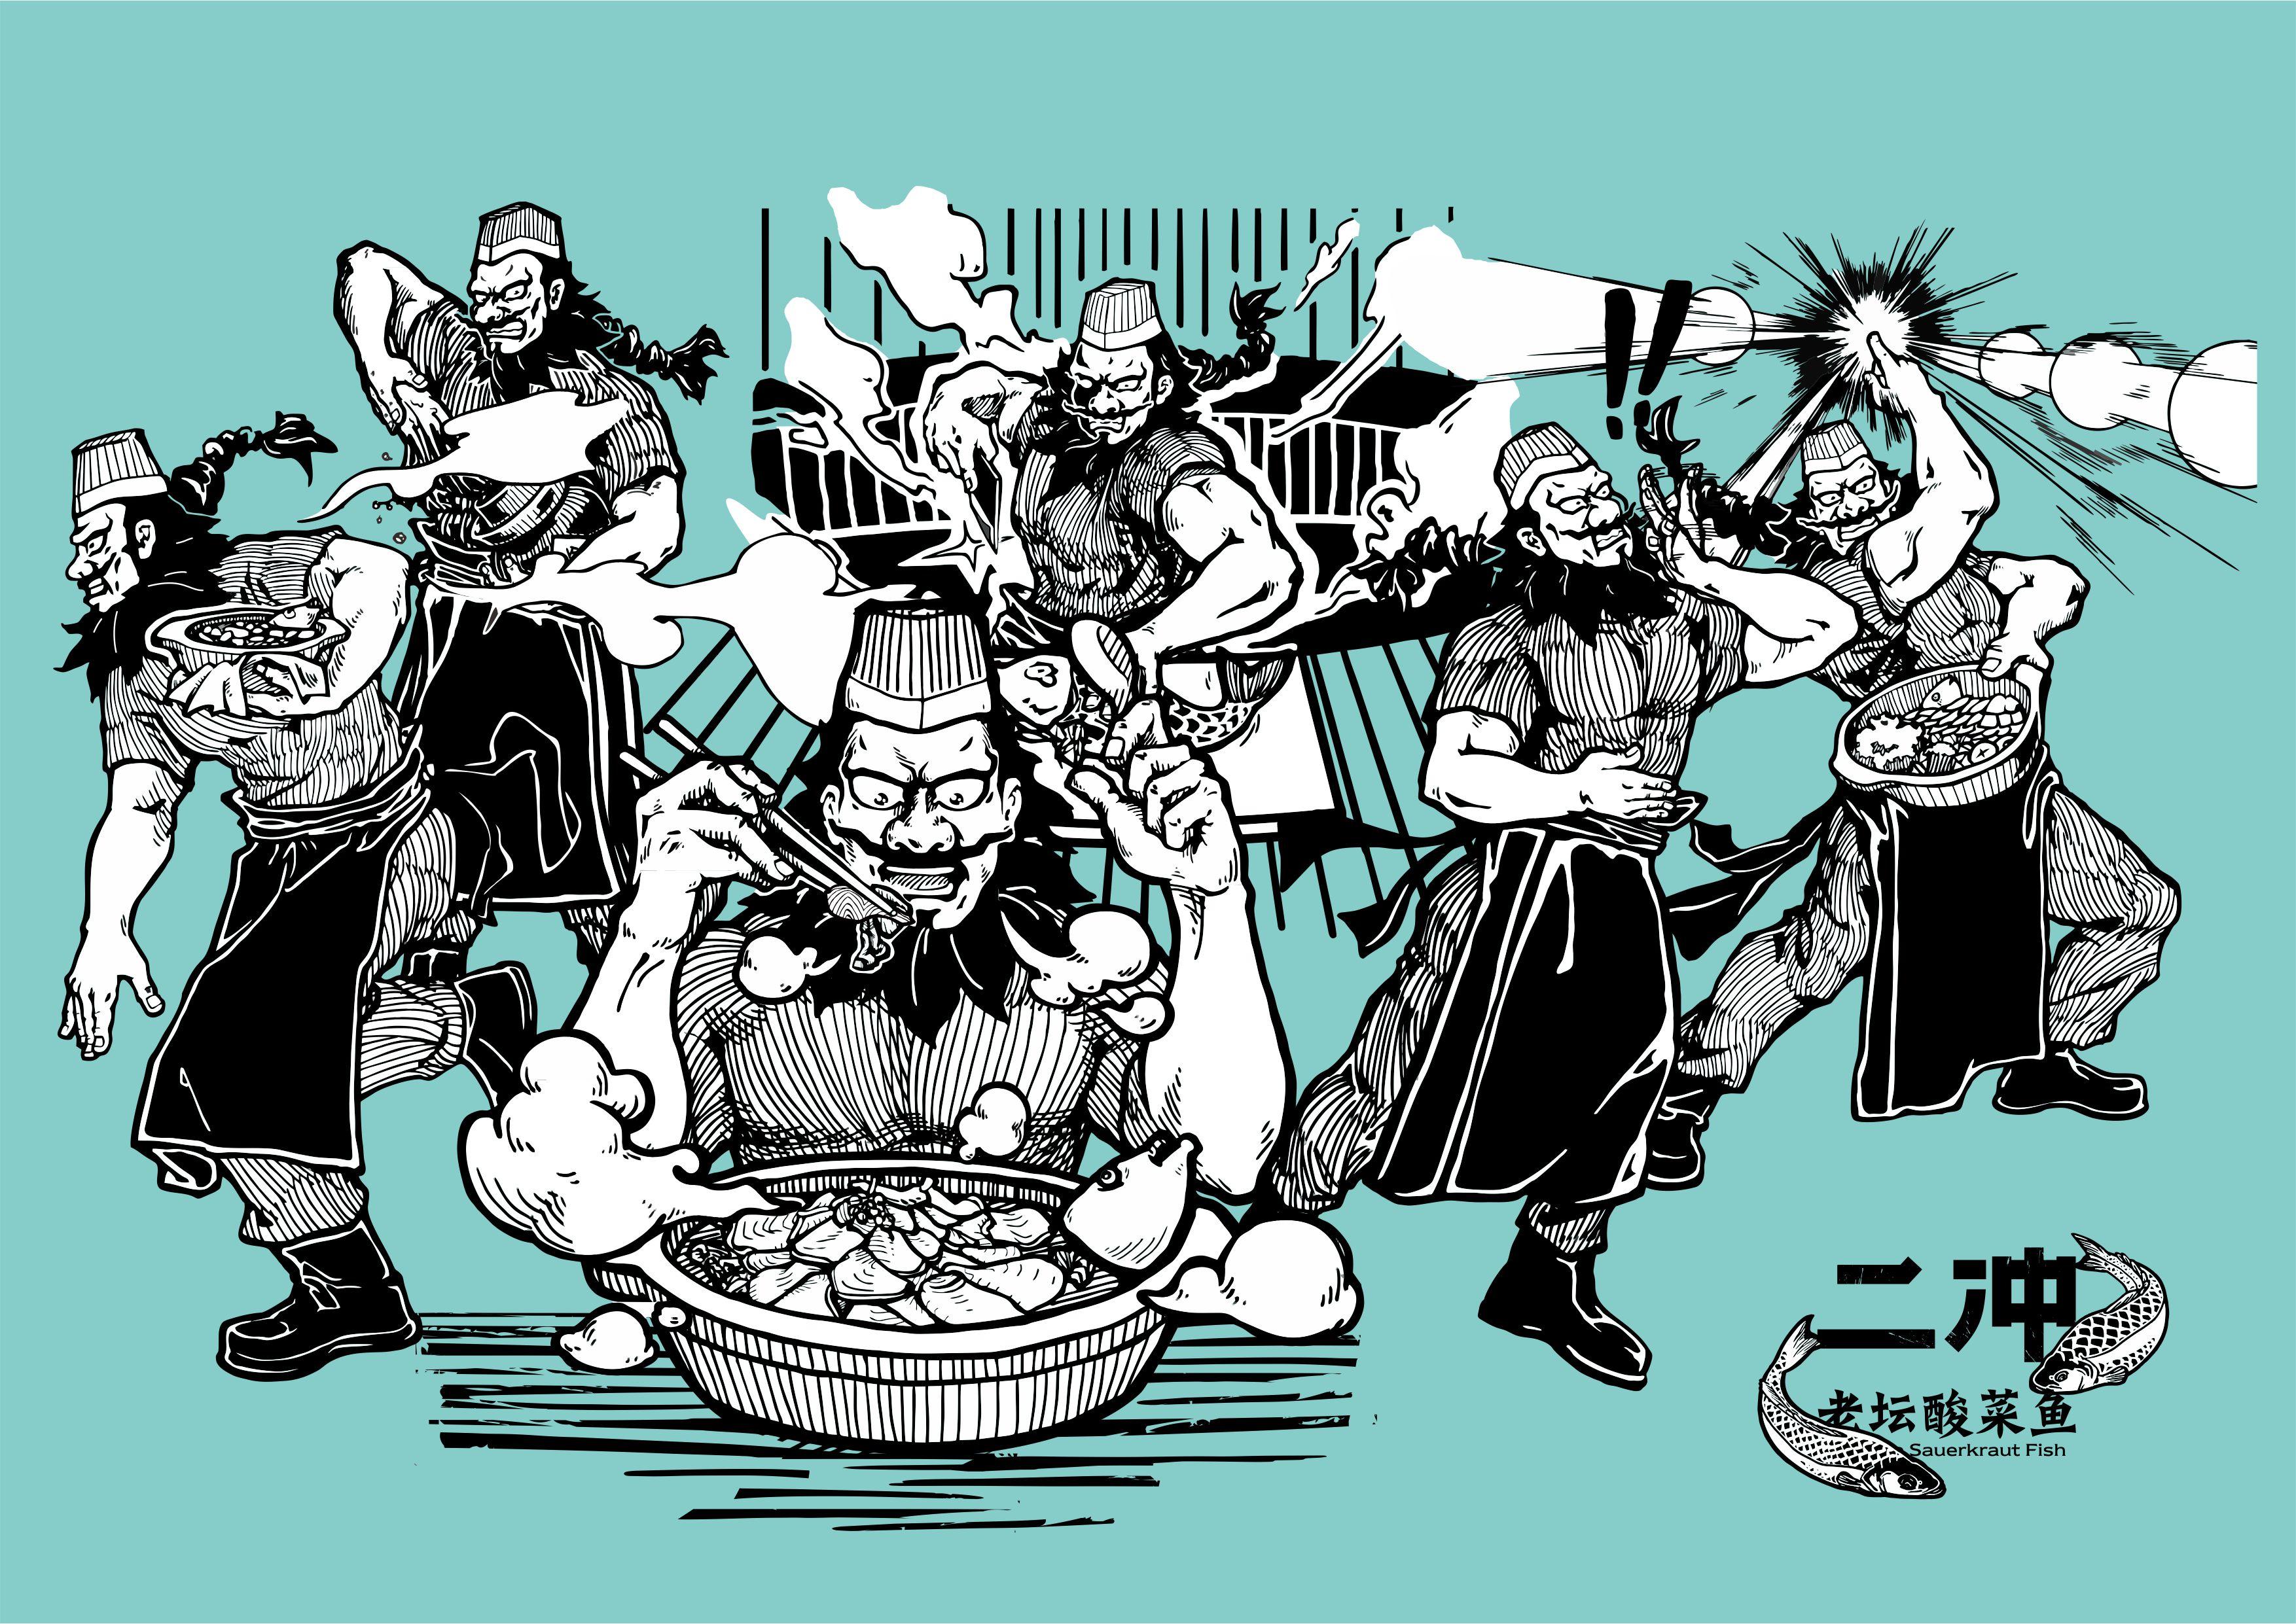 二冲老坛酸菜鱼品牌全案设计